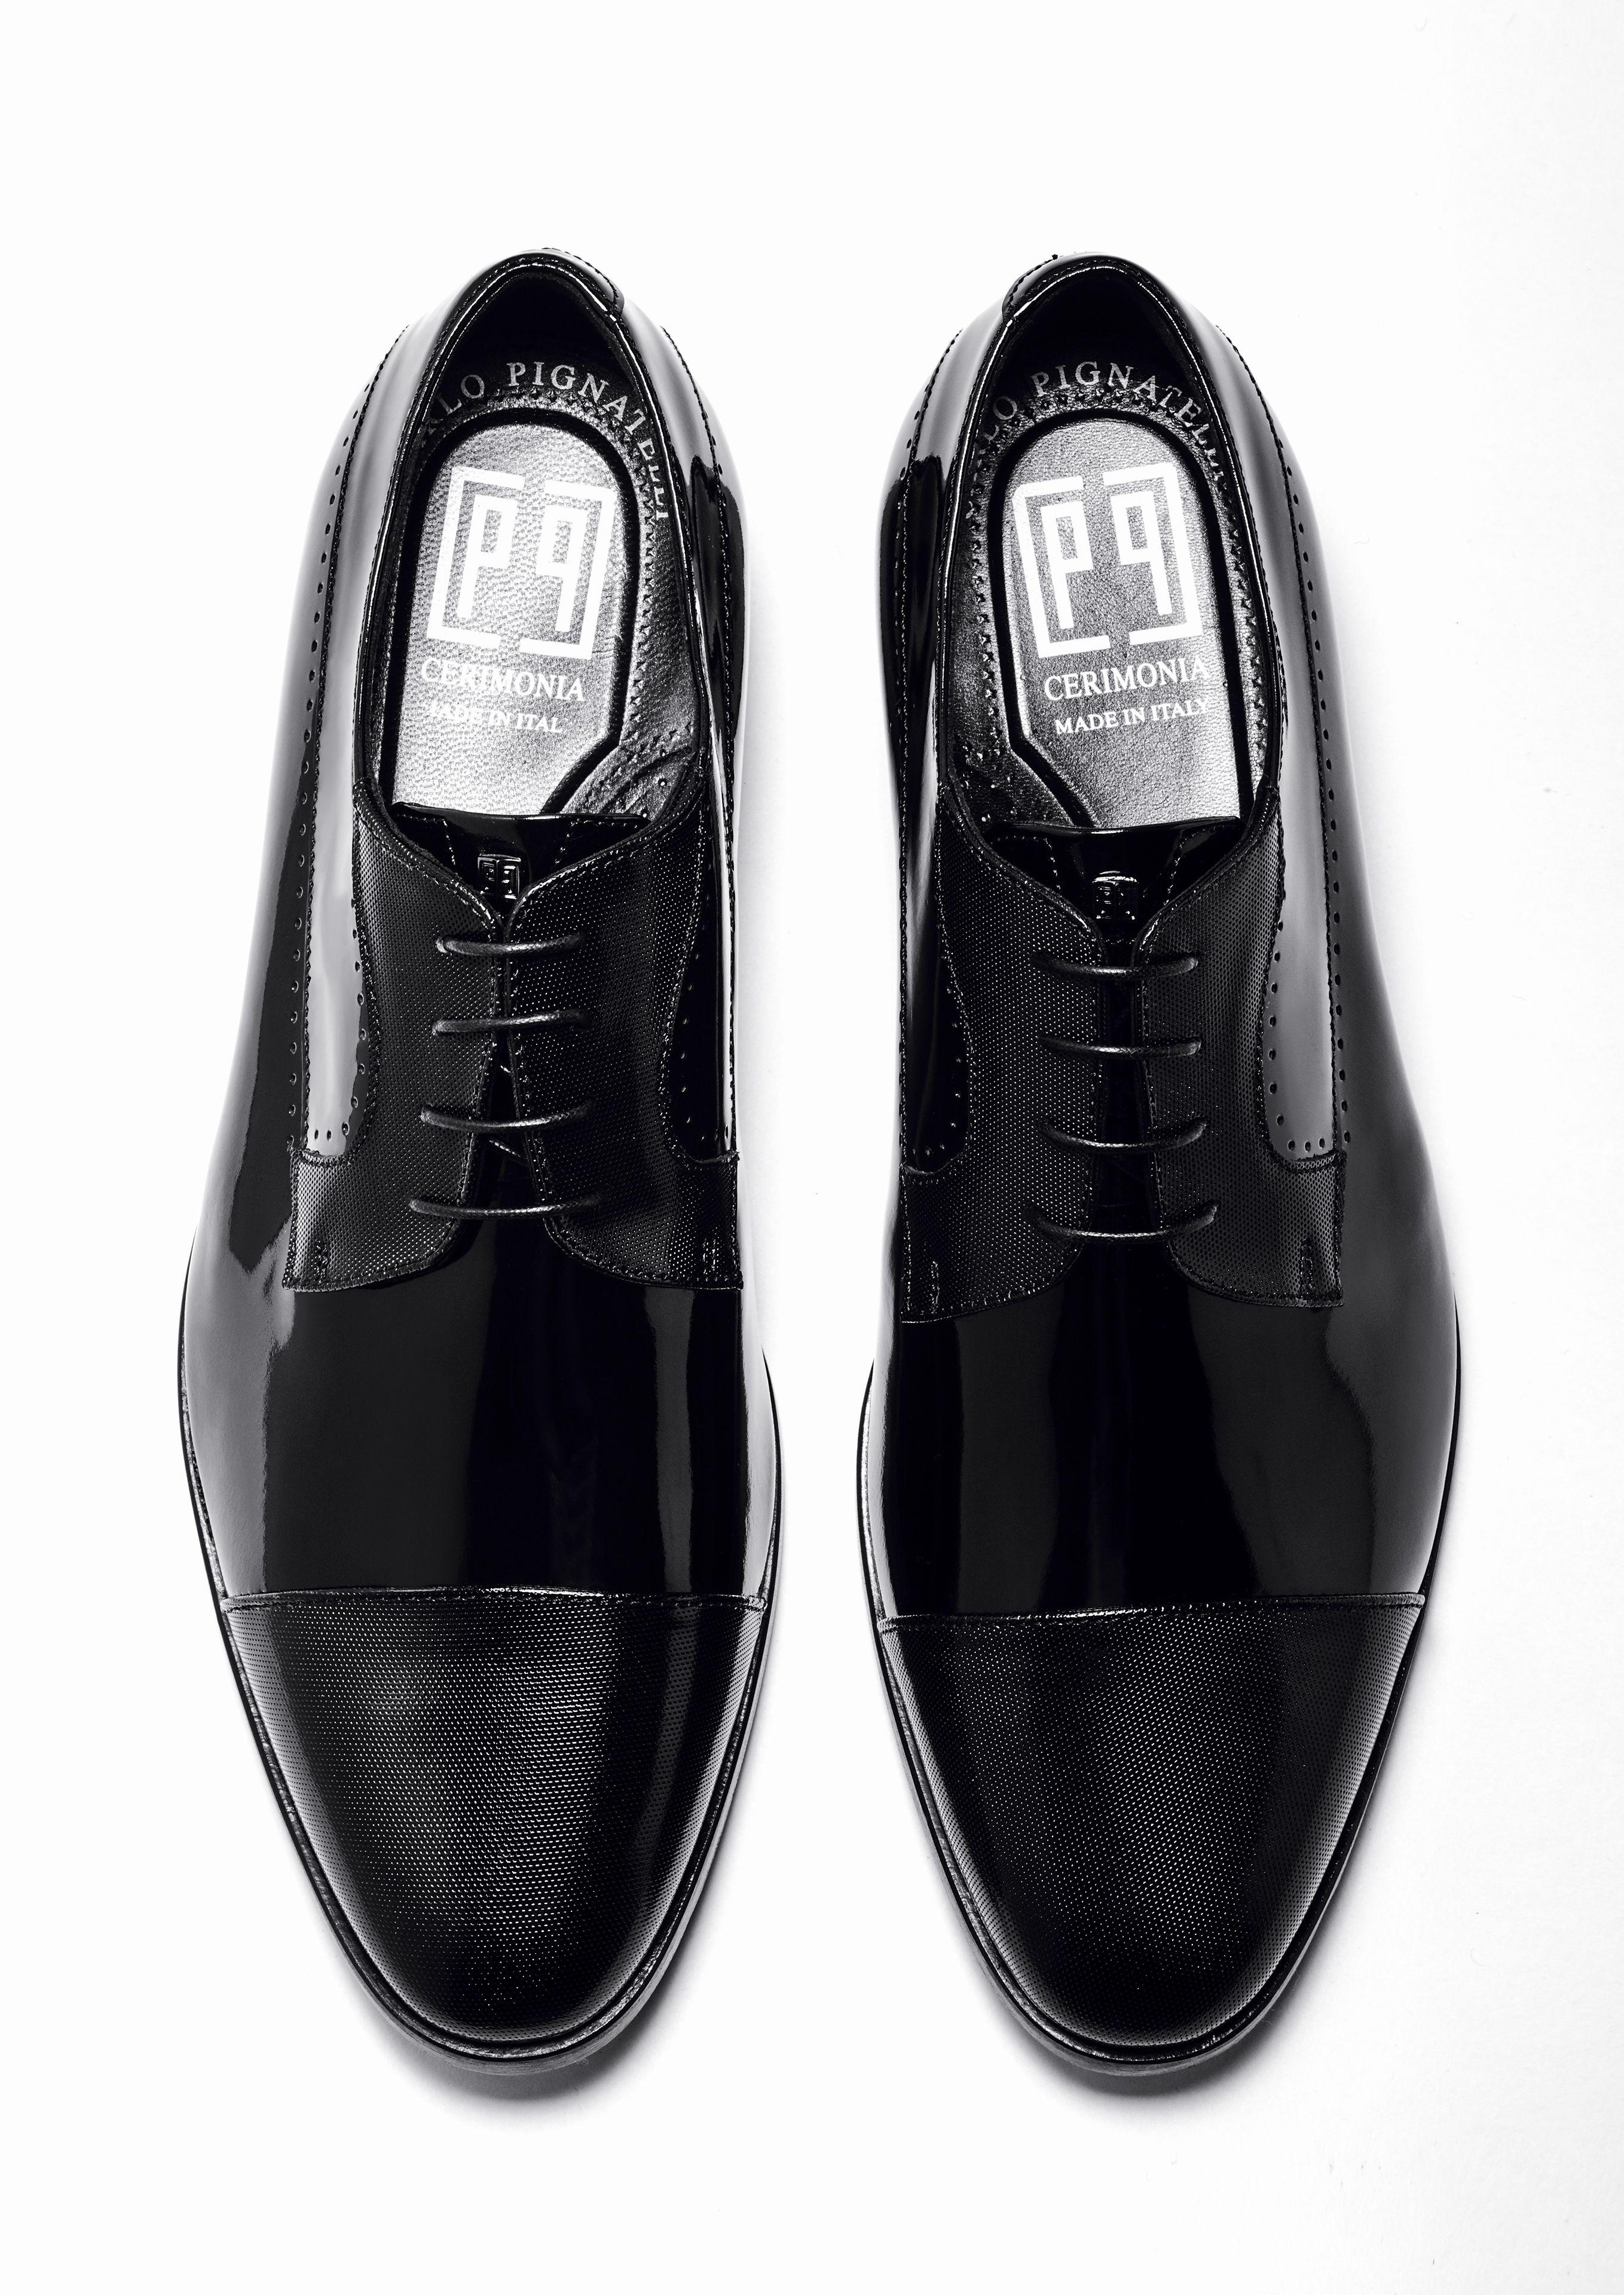 Carlo Pignatelli Cerimonia Shoes   Accessories 2017  accessories  groom   shoes  accessori  sposo 7216f6071fc